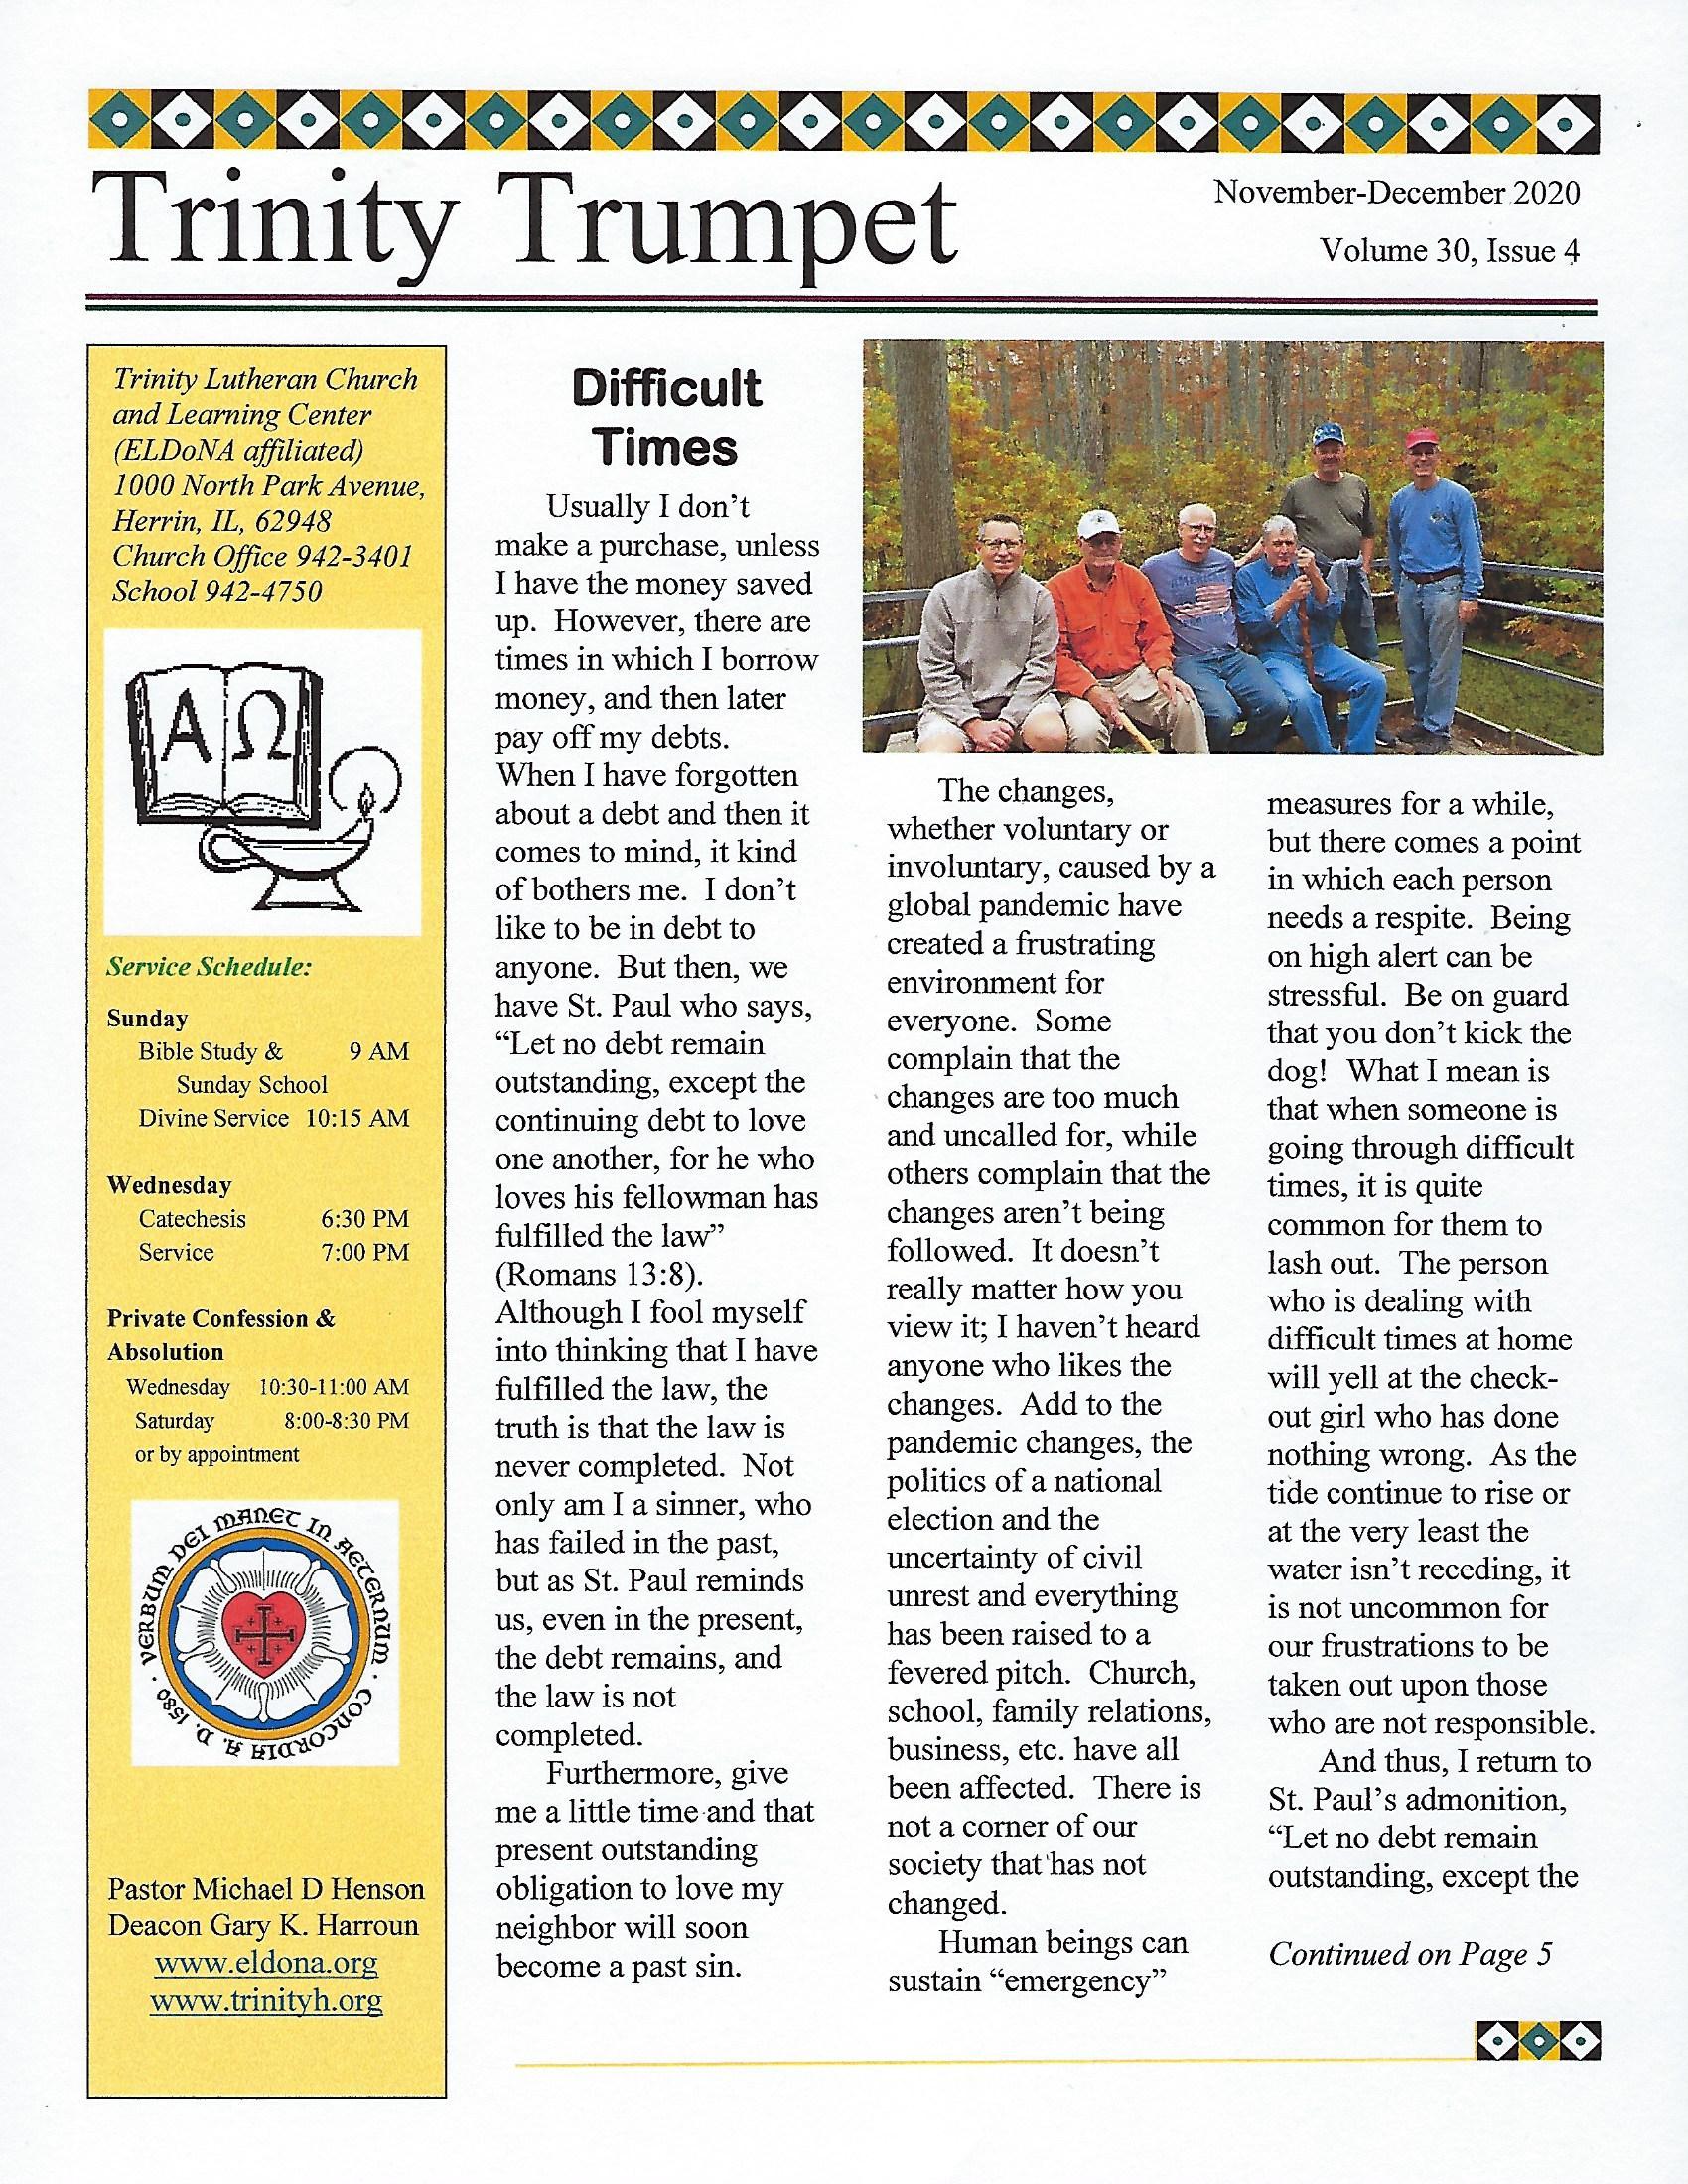 Newsletter Nov Dec Front